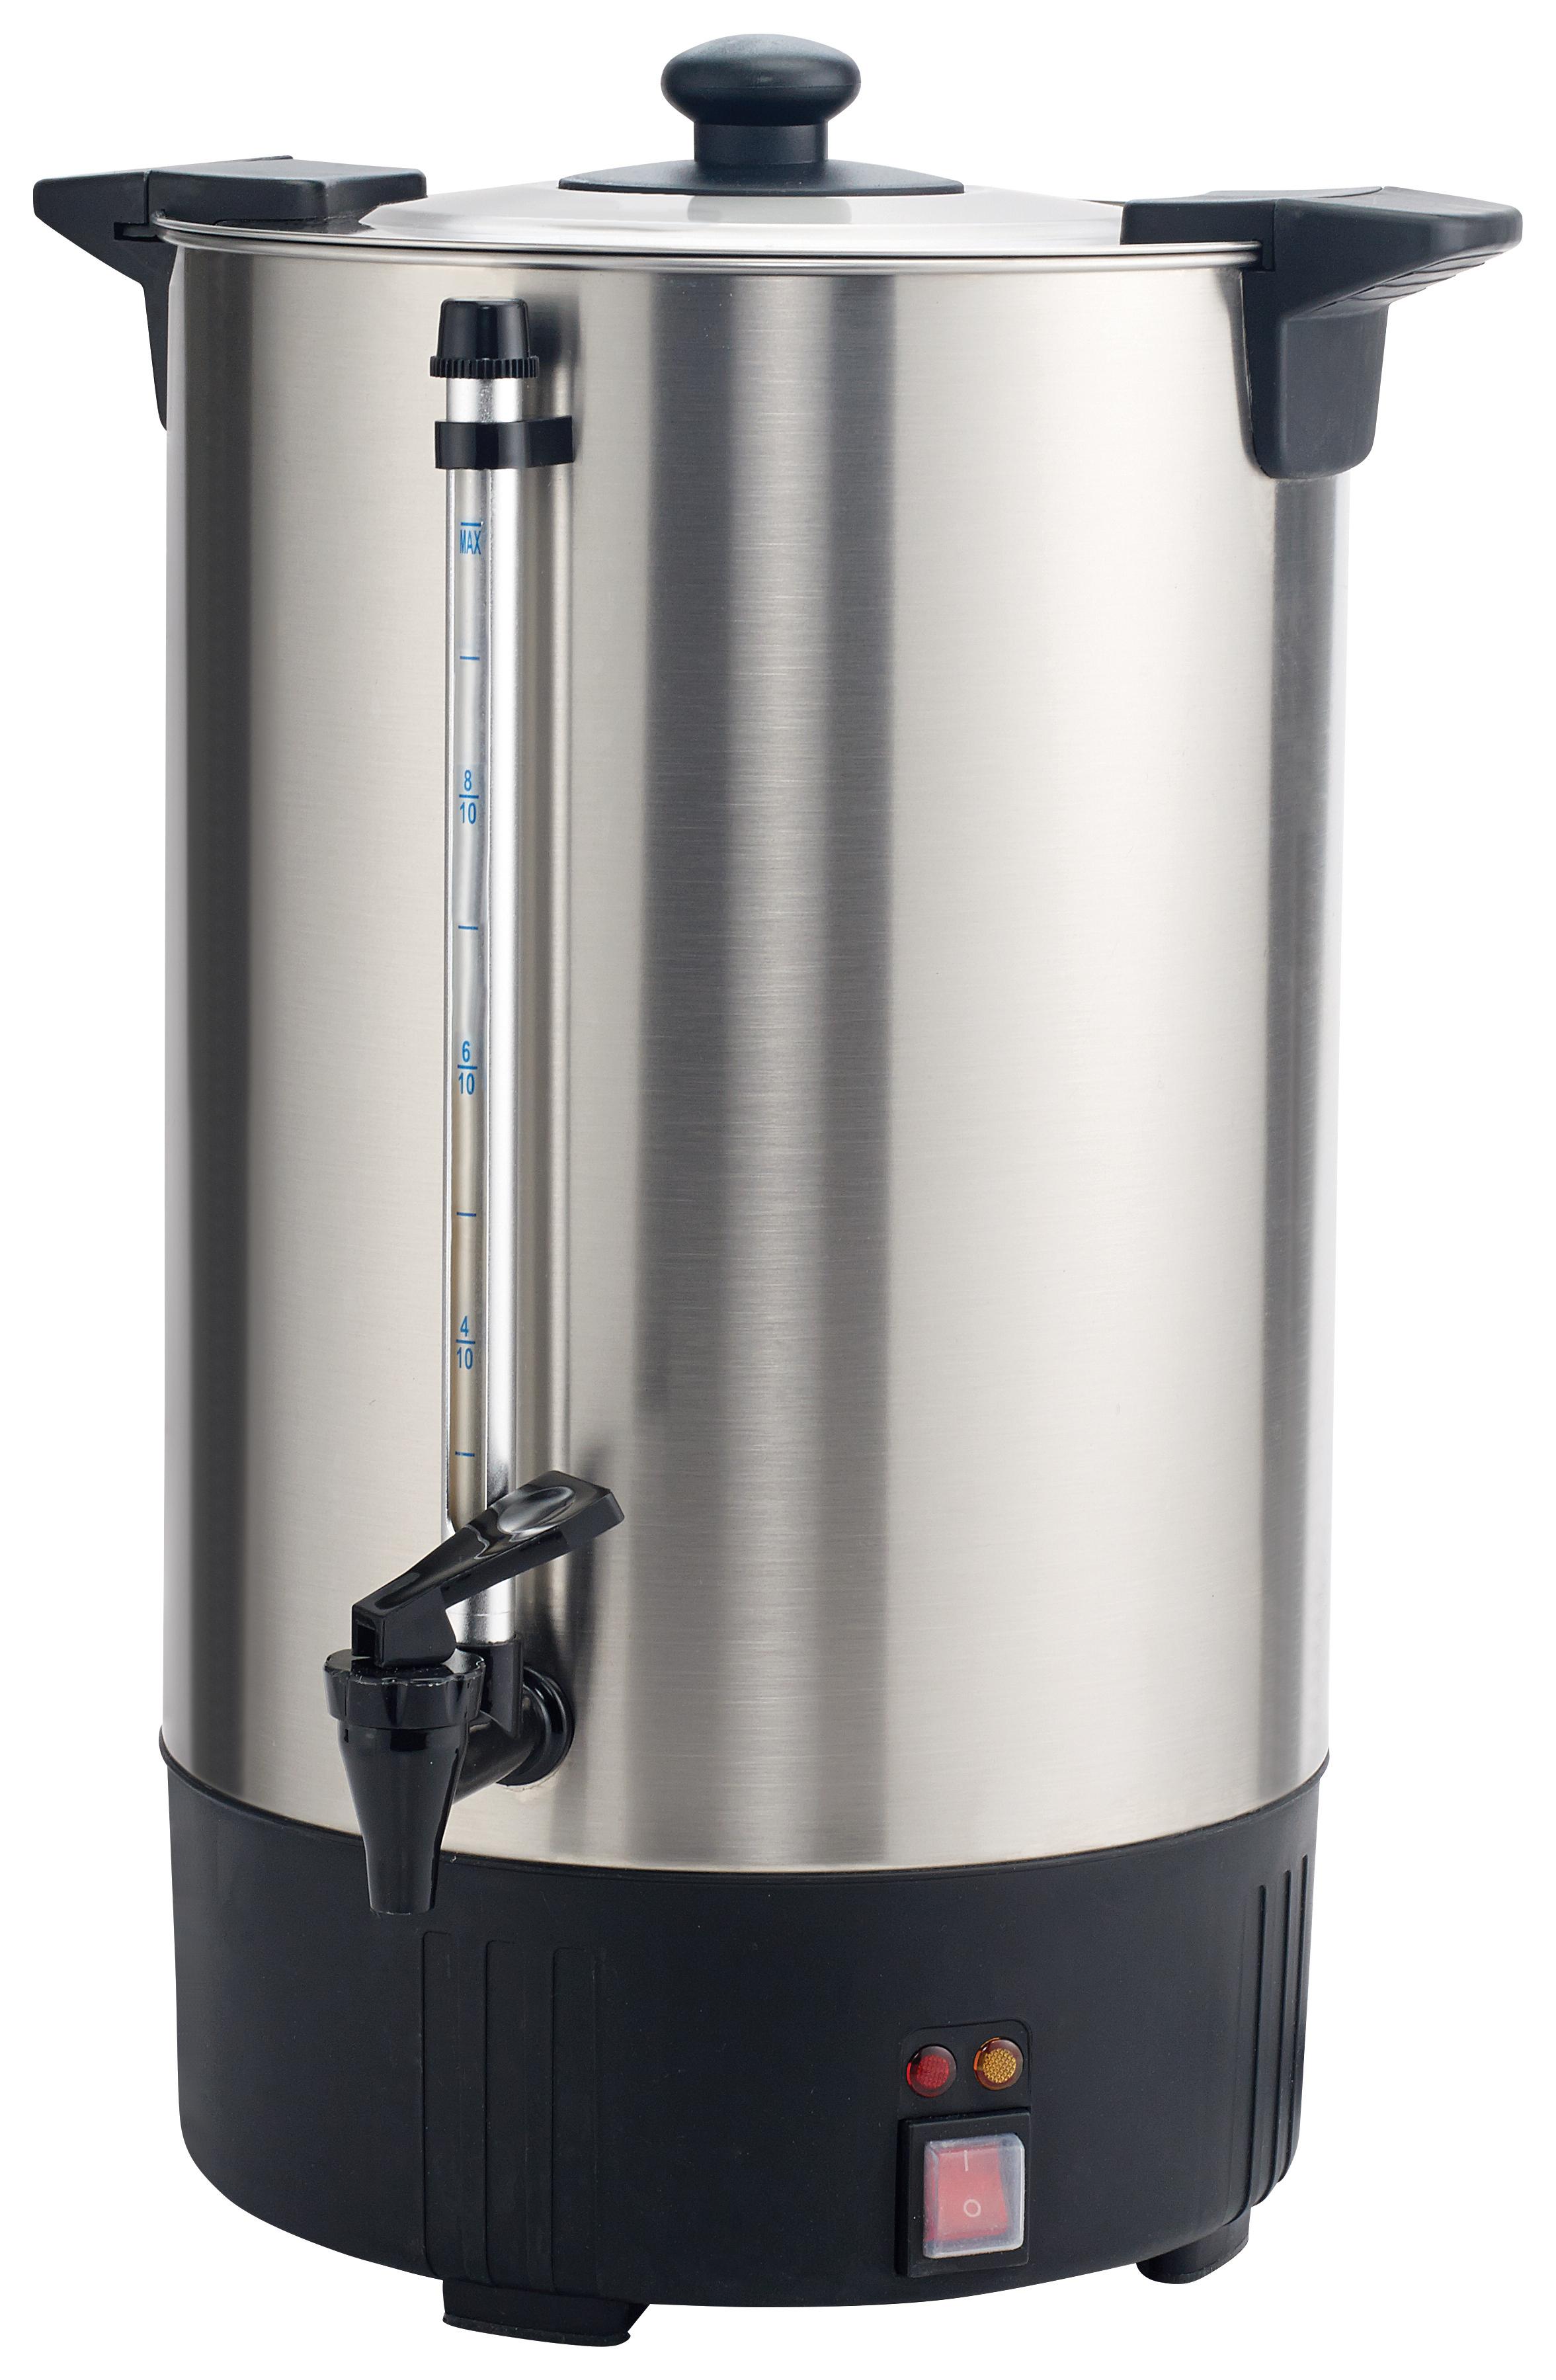 Winco EWB-100A-I water boiler